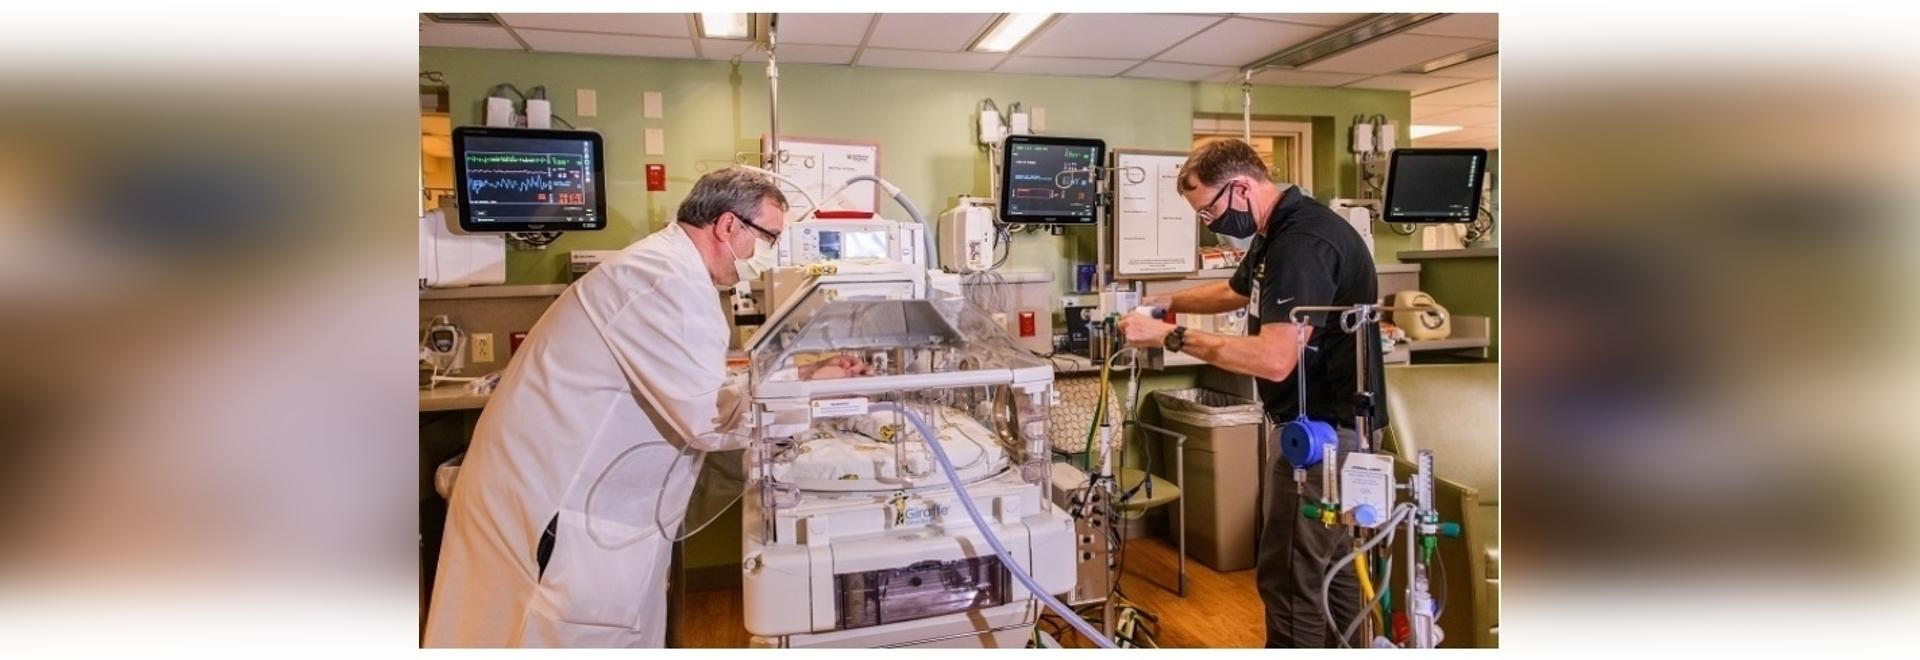 Foto: John Pardalos, links, und Roger Fales demonstrieren, wie das Gerät auf einer Neugeborenenstation funktionieren wird. Kredit: Universität von Missouri